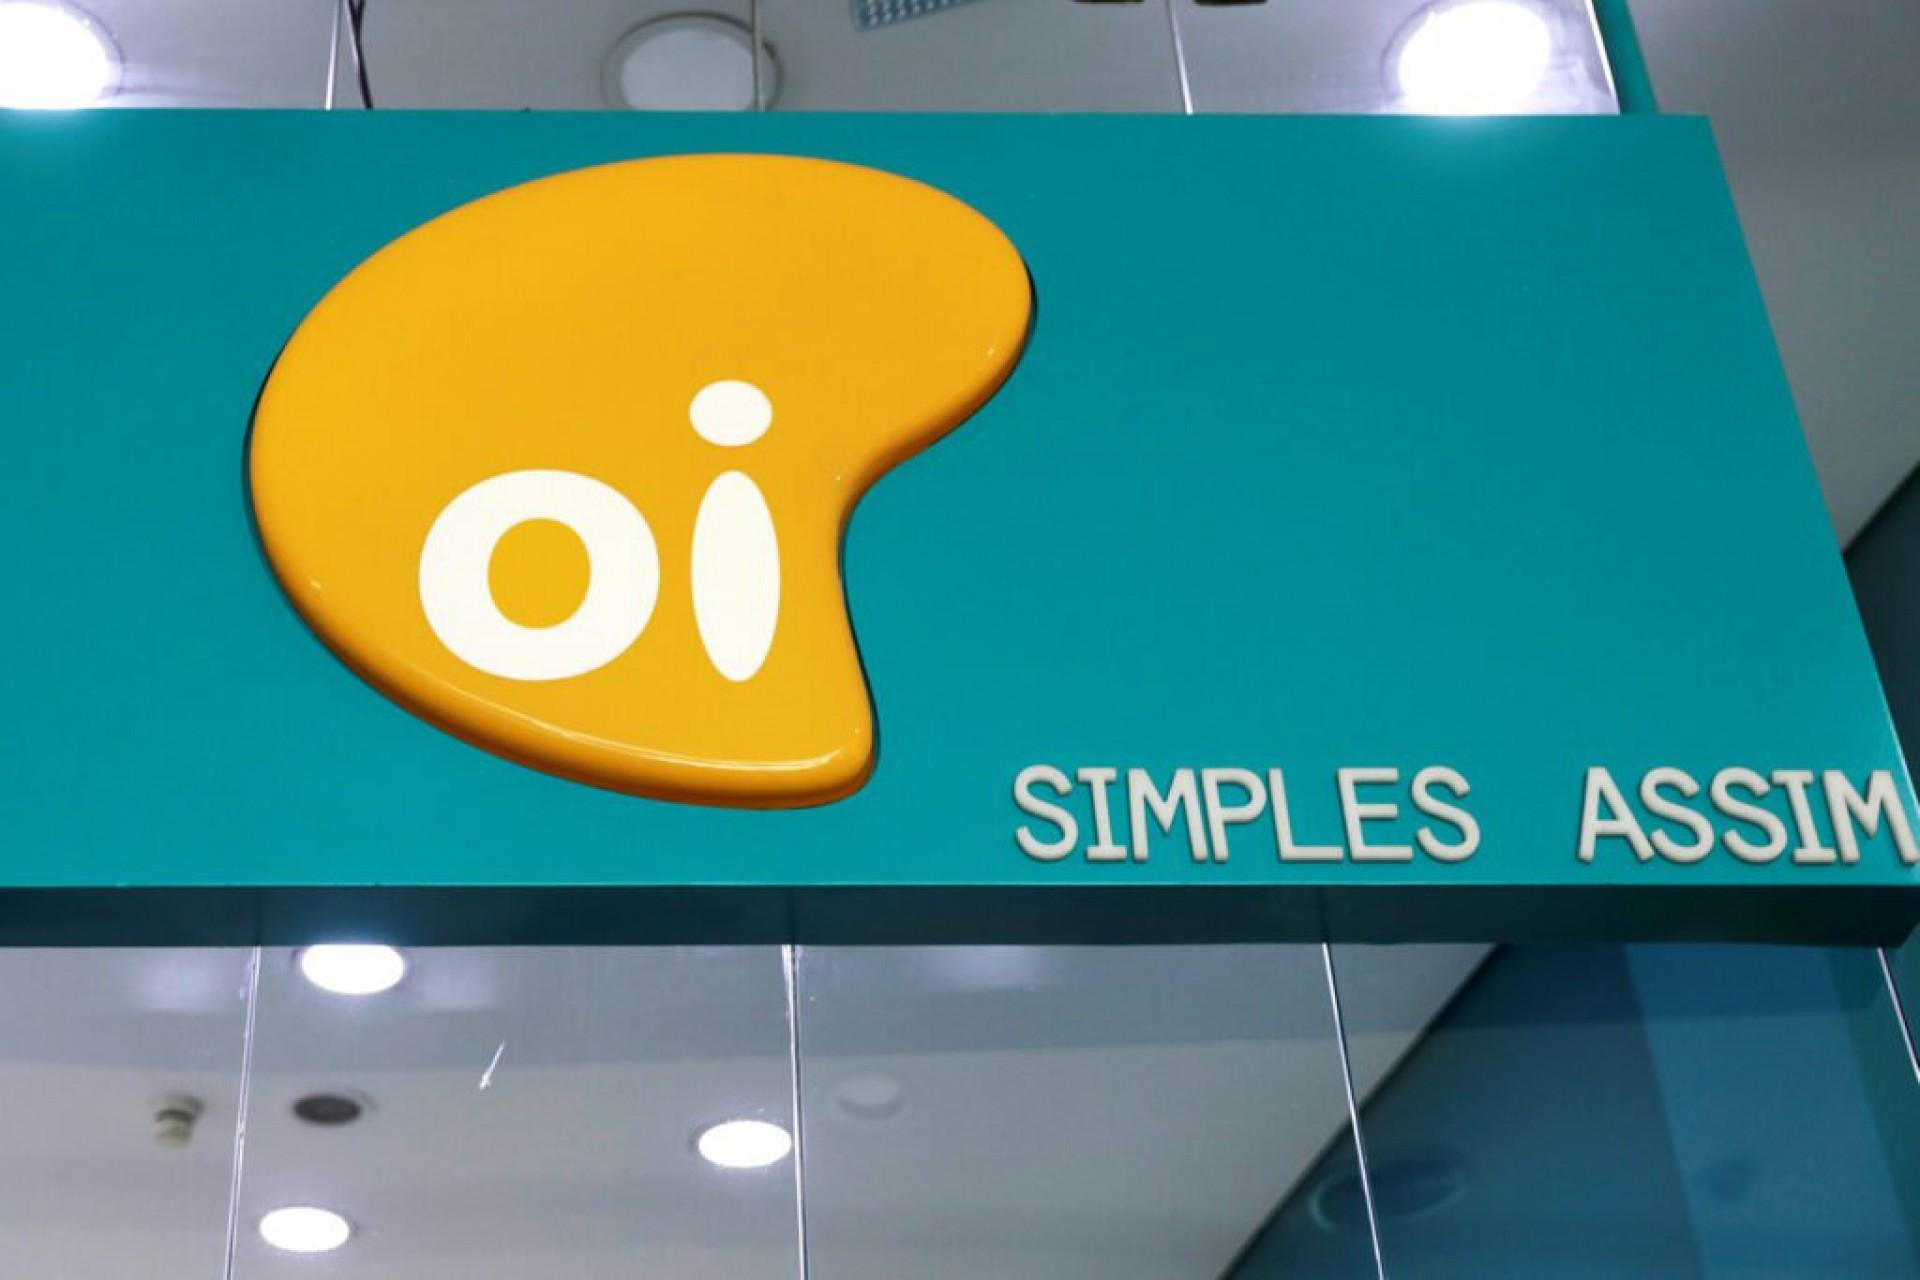 Oi acelera expansão do seu serviço Oi fibra em bairros de Fortaleza e Juazeiro do Norte